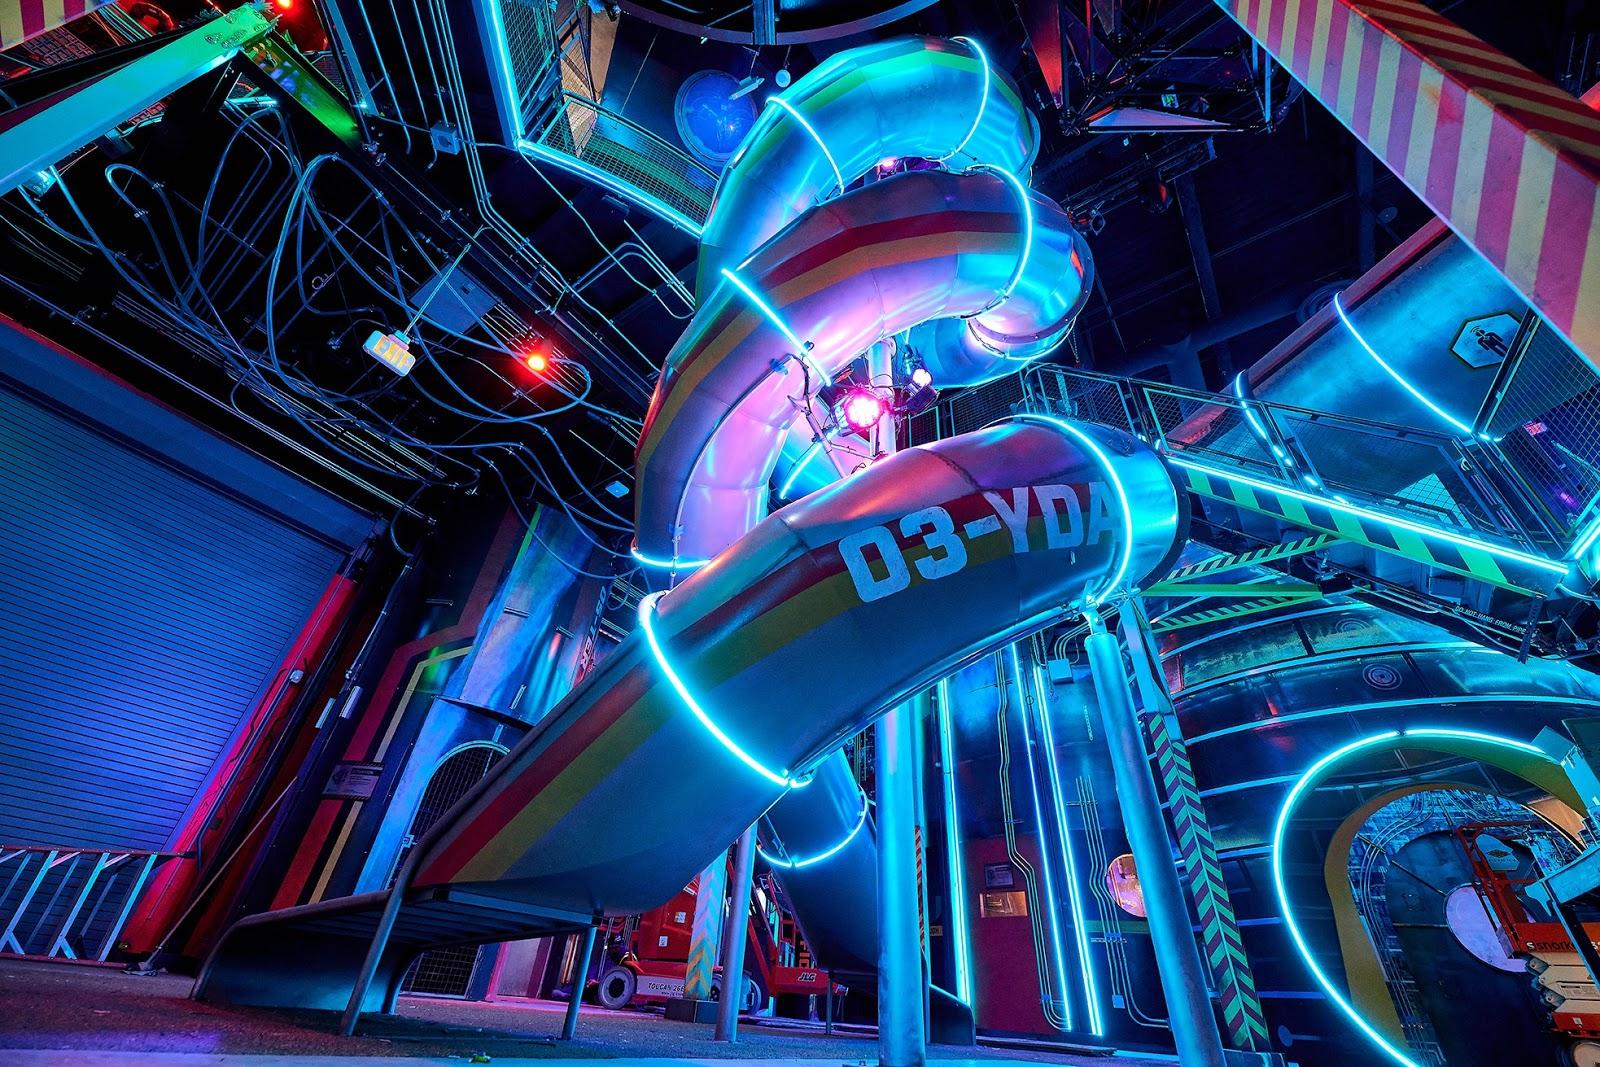 Giant blue swirling slides